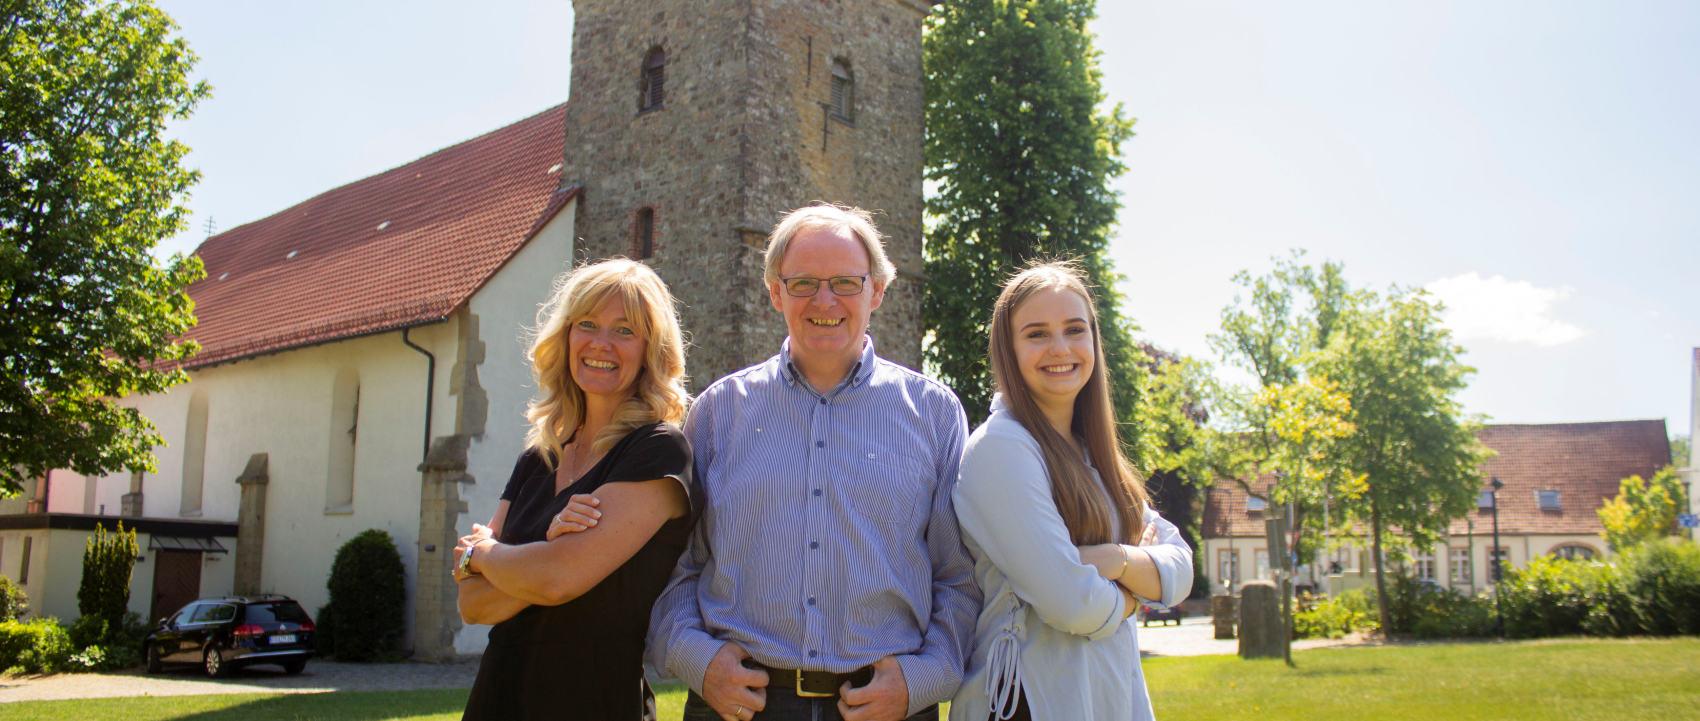 Das Team von Klenke Immobilien in Belm bei Osnabrück besteht aus drei erfahrenen MitarbeiterInnen.